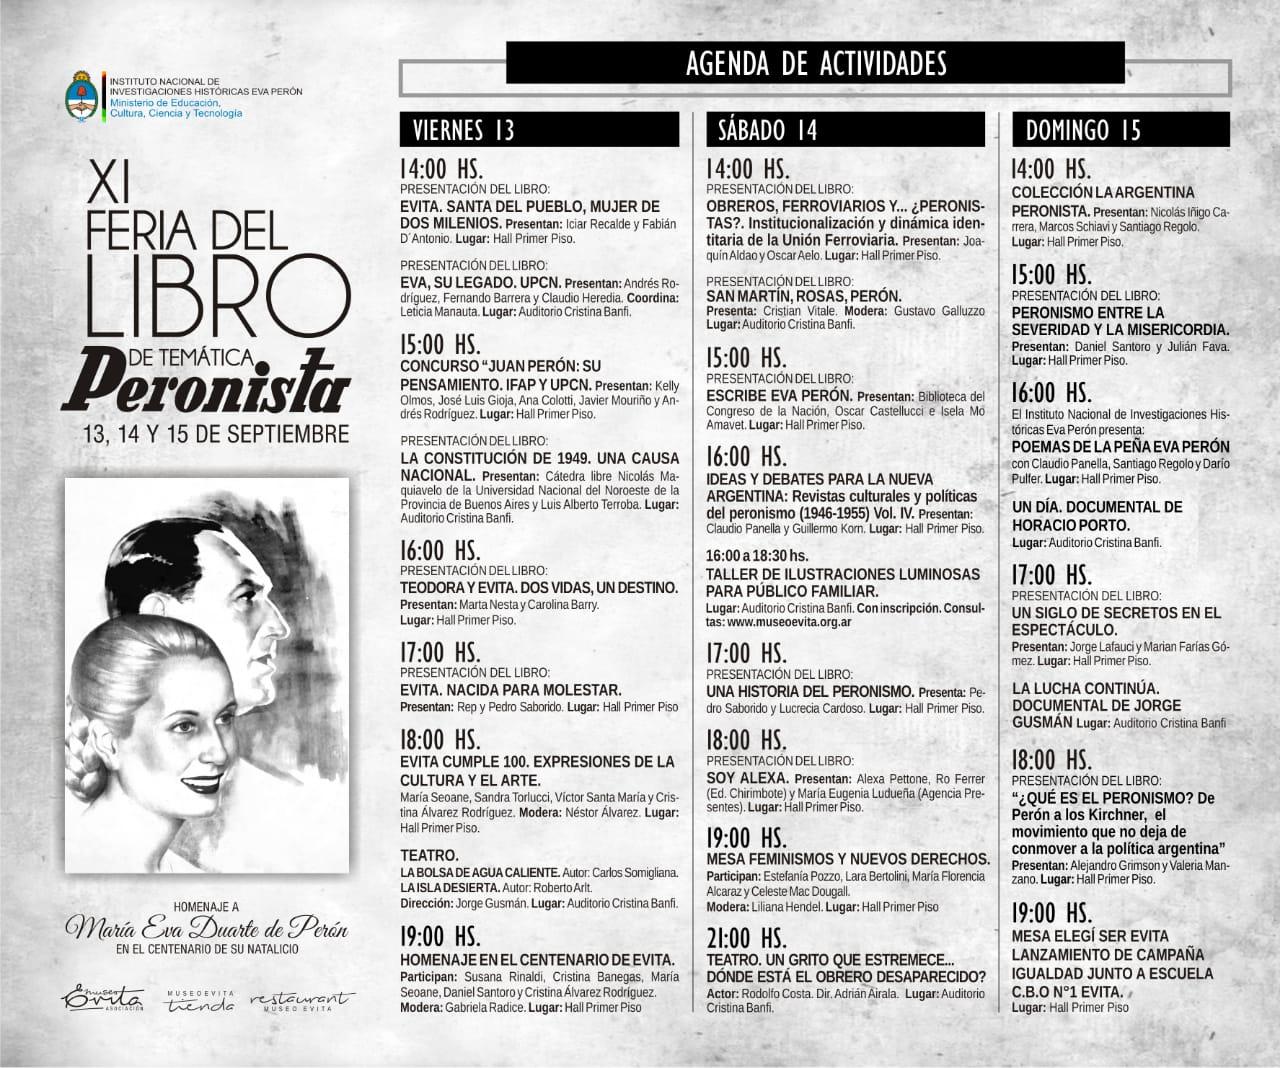 Feria del Libro de Temática Peronista: Programación